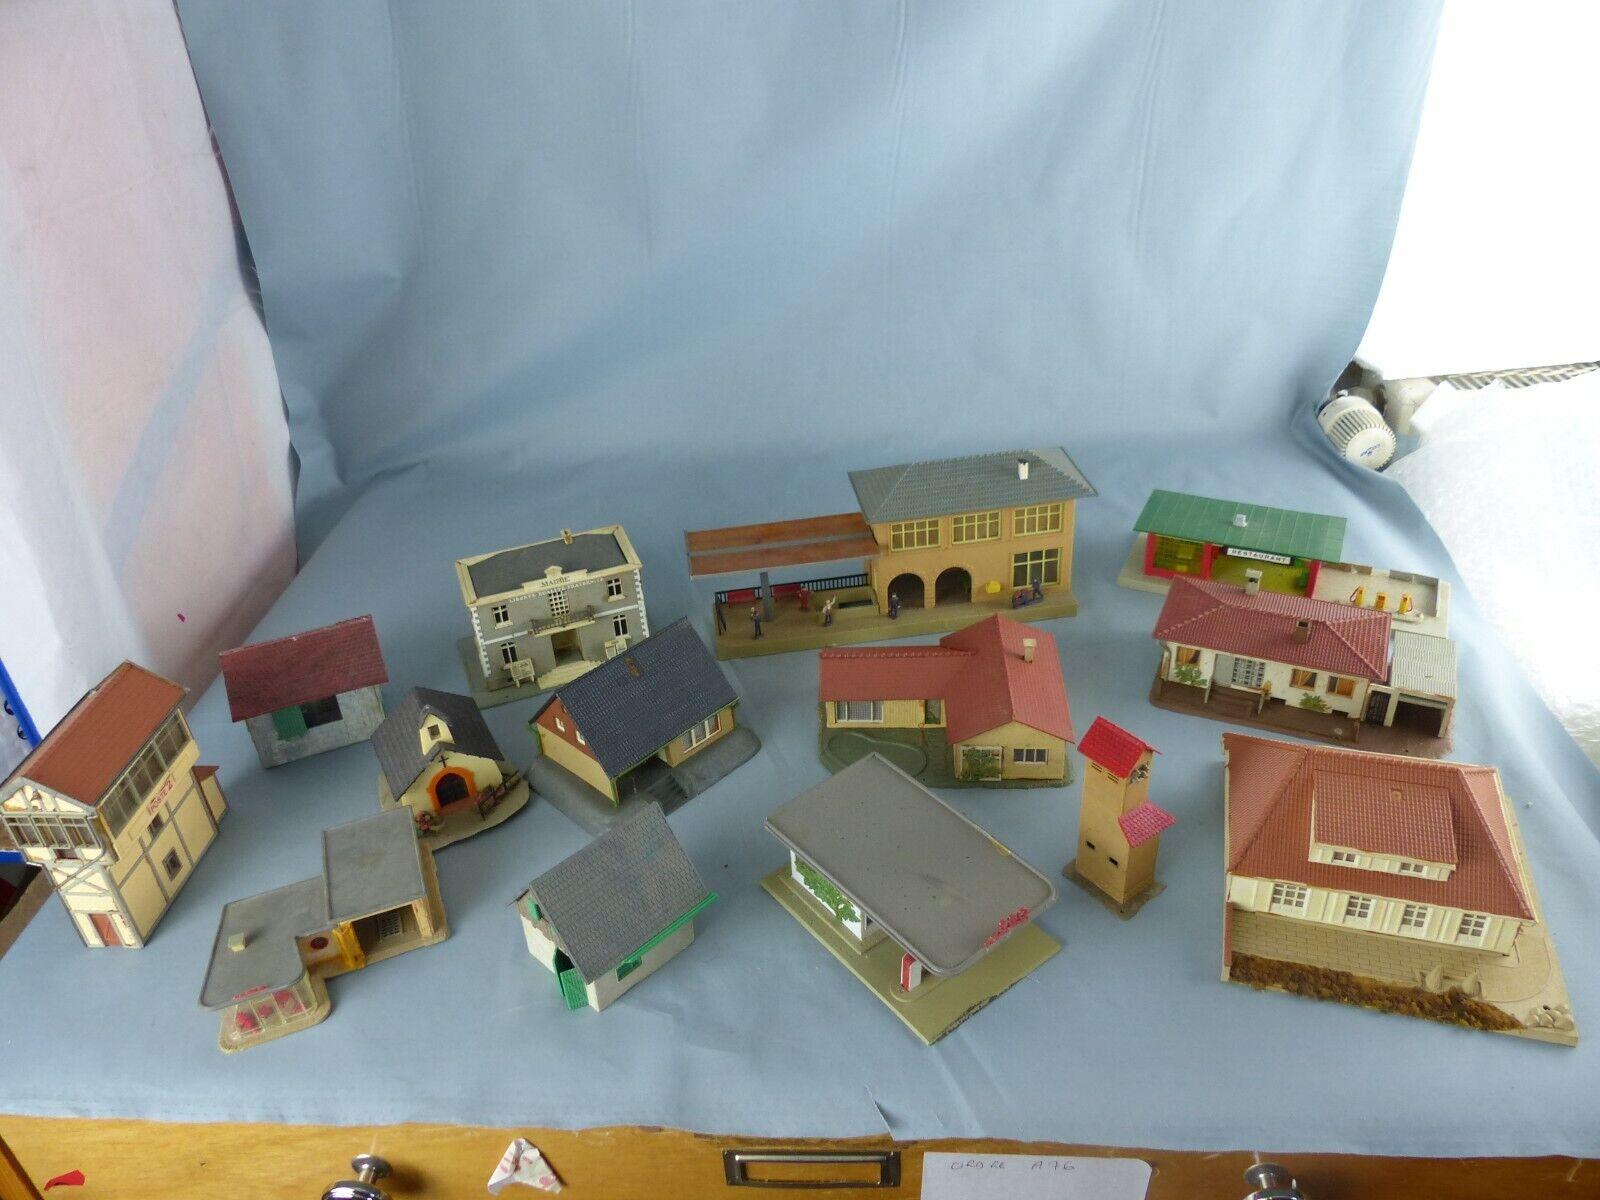 JOUEF FtuttiER lot de 14 maquettes Ho maisons station essence gare décors train